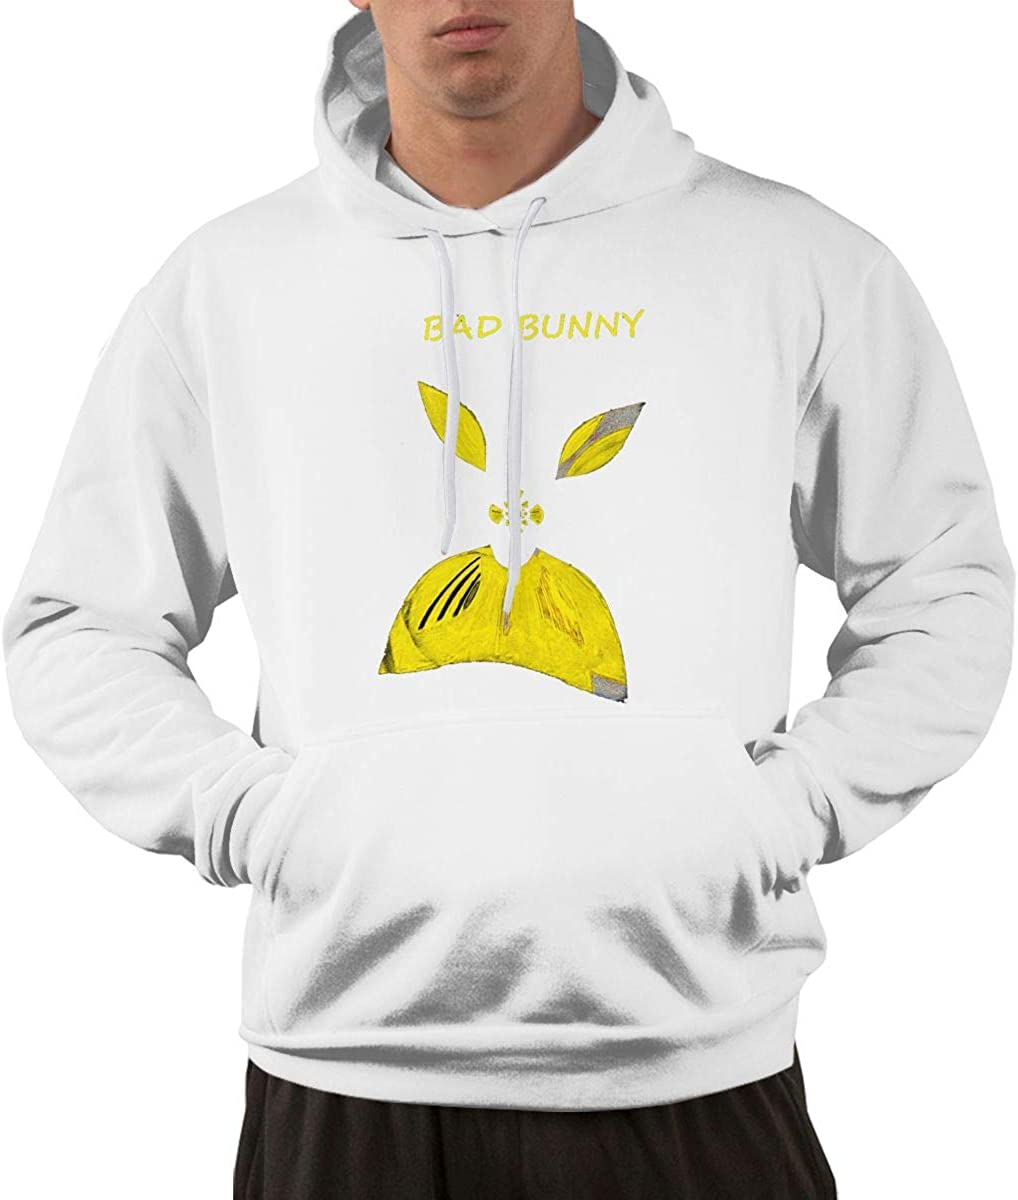 WNN Hslpin Bad Bunny Vete Fashion Mens Hoodie Black